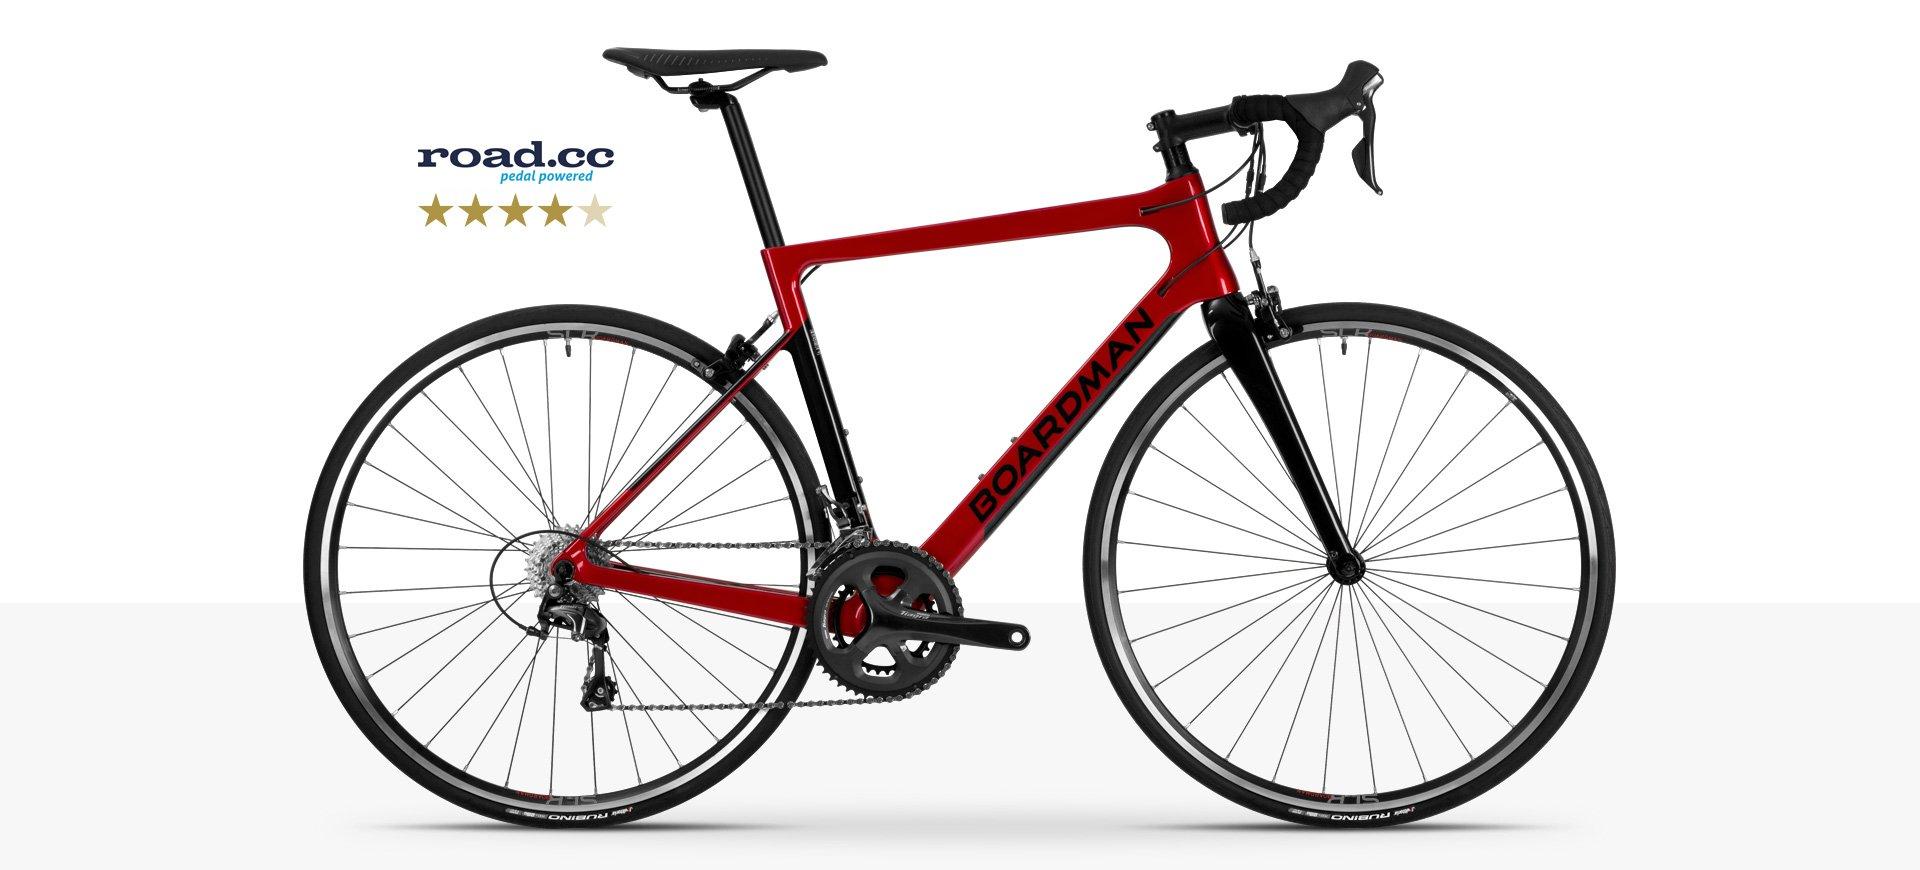 Boardman SLR 8 9 Red - Men's Carbon Road Bike in Red | Boardman Bikes